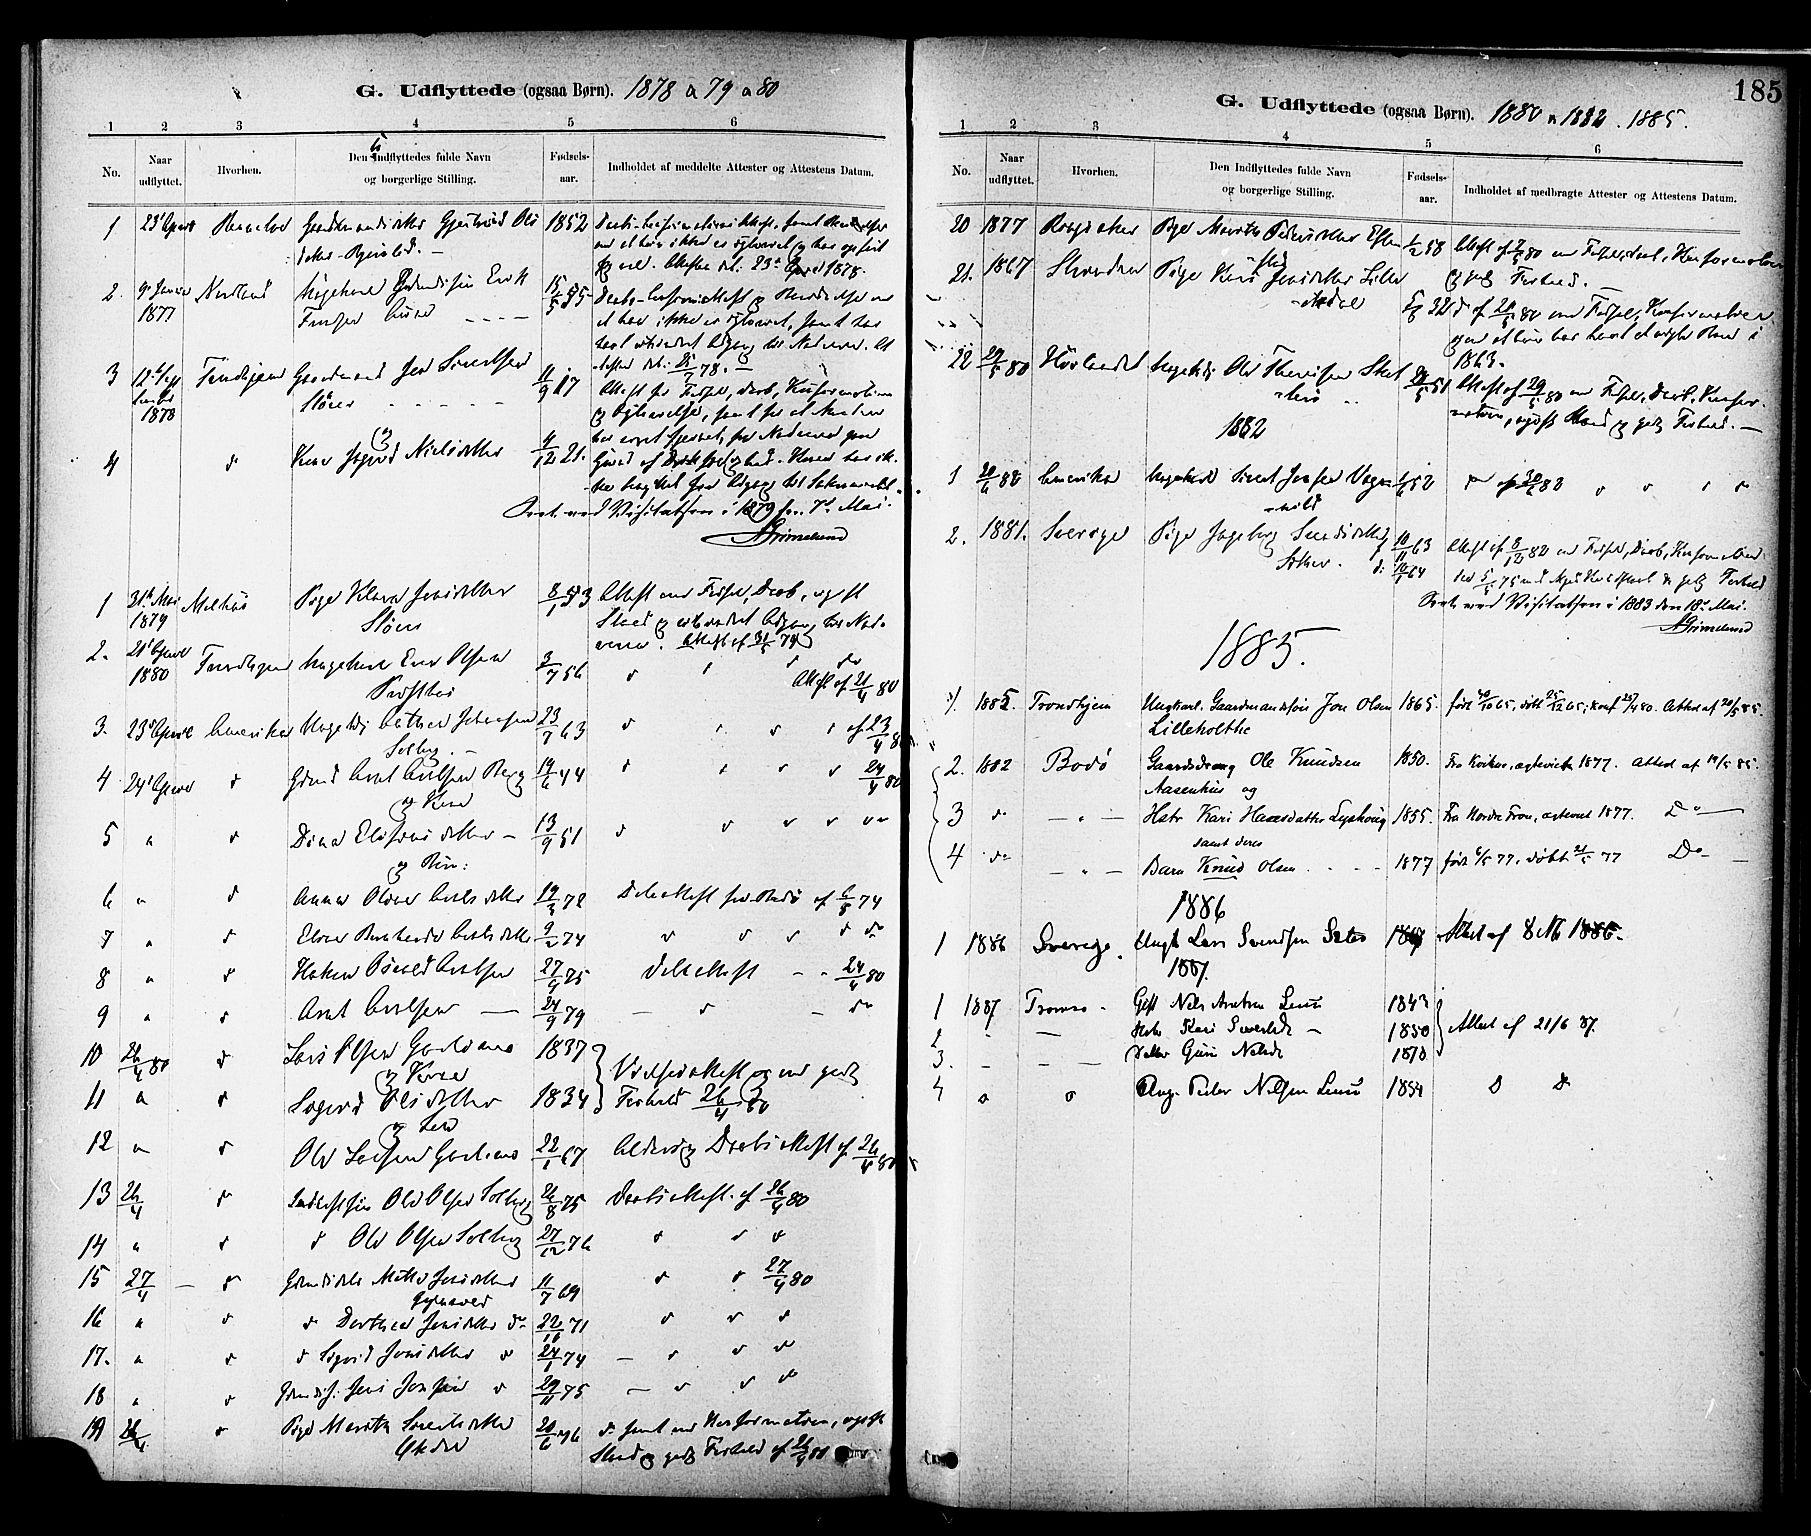 SAT, Ministerialprotokoller, klokkerbøker og fødselsregistre - Sør-Trøndelag, 689/L1040: Ministerialbok nr. 689A05, 1878-1890, s. 185